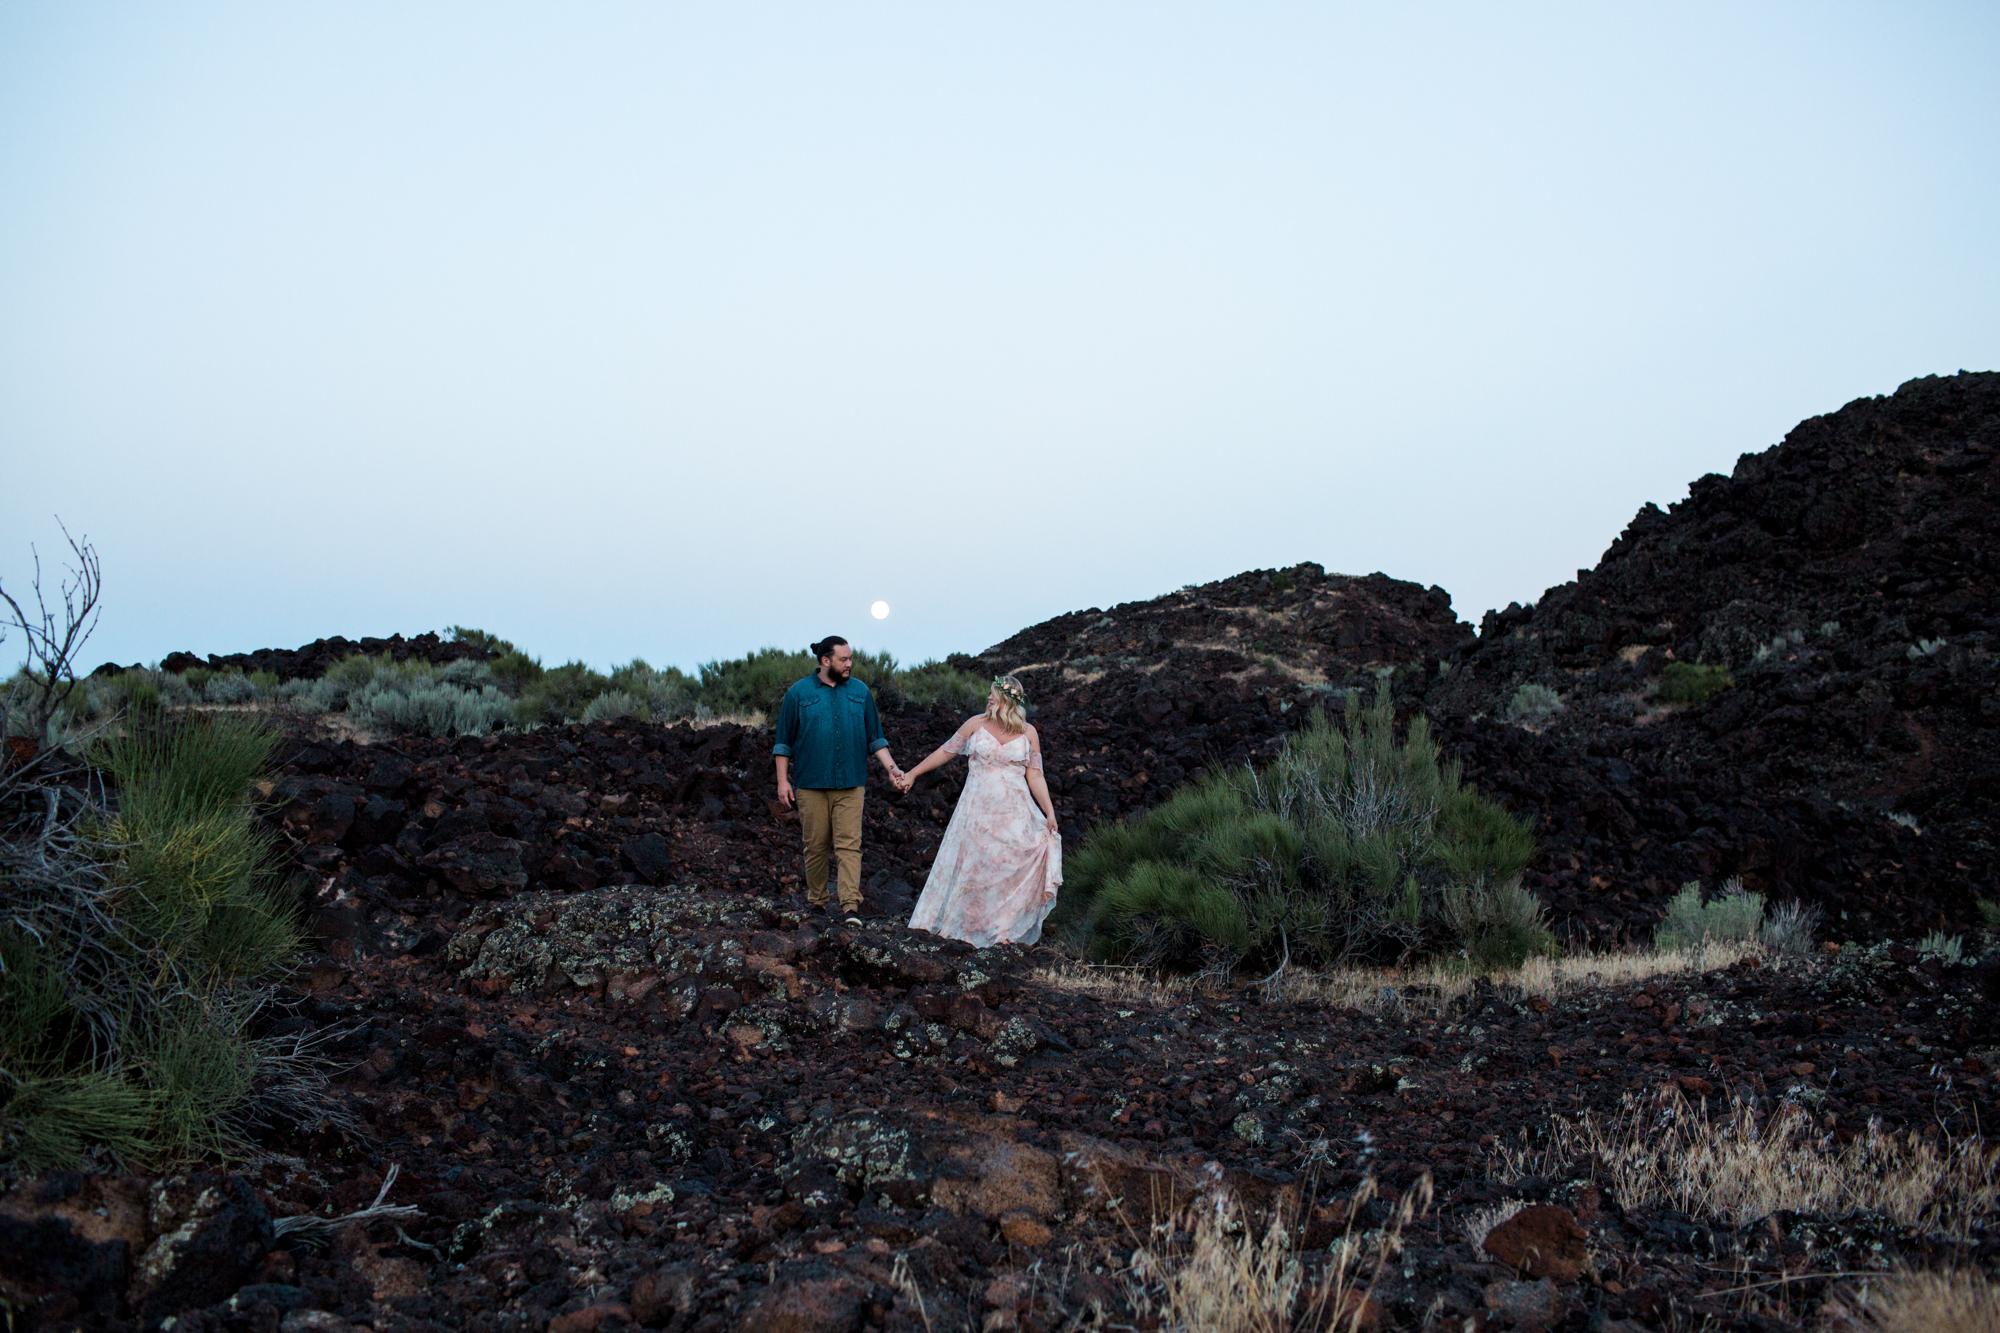 Kelcie-Ryan-Engagements-261.jpg